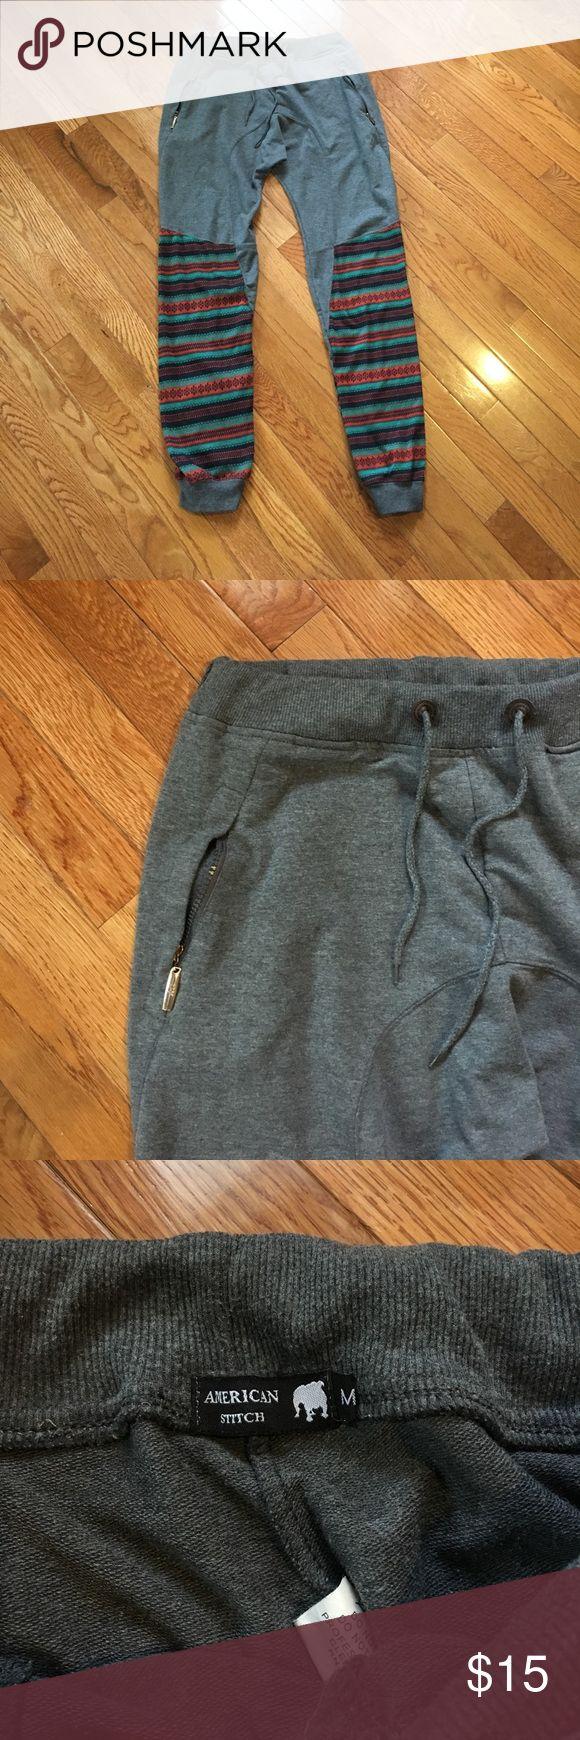 Grey and Aztec design joggers Men's Small grey and Aztec design joggers. Have draw string to tighten. Zipper pockets. Pants Track Pants & Joggers